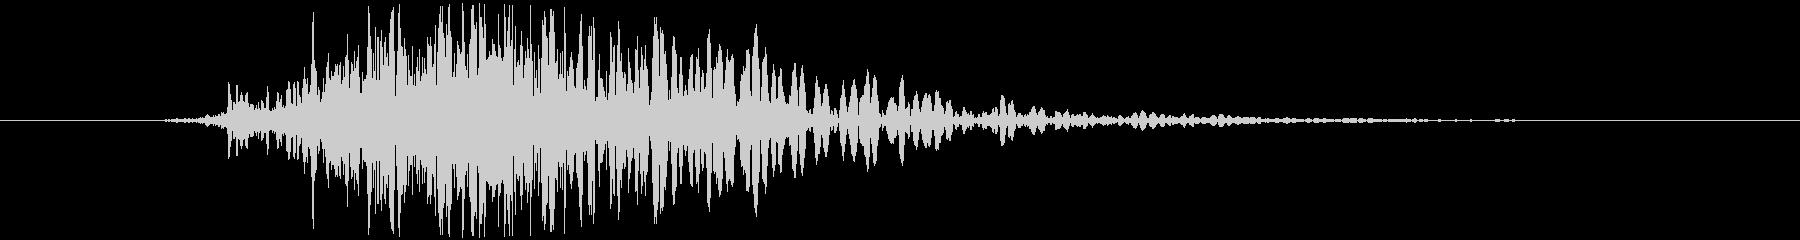 斬撃 ファイヤーノイズブラストラージ03の未再生の波形